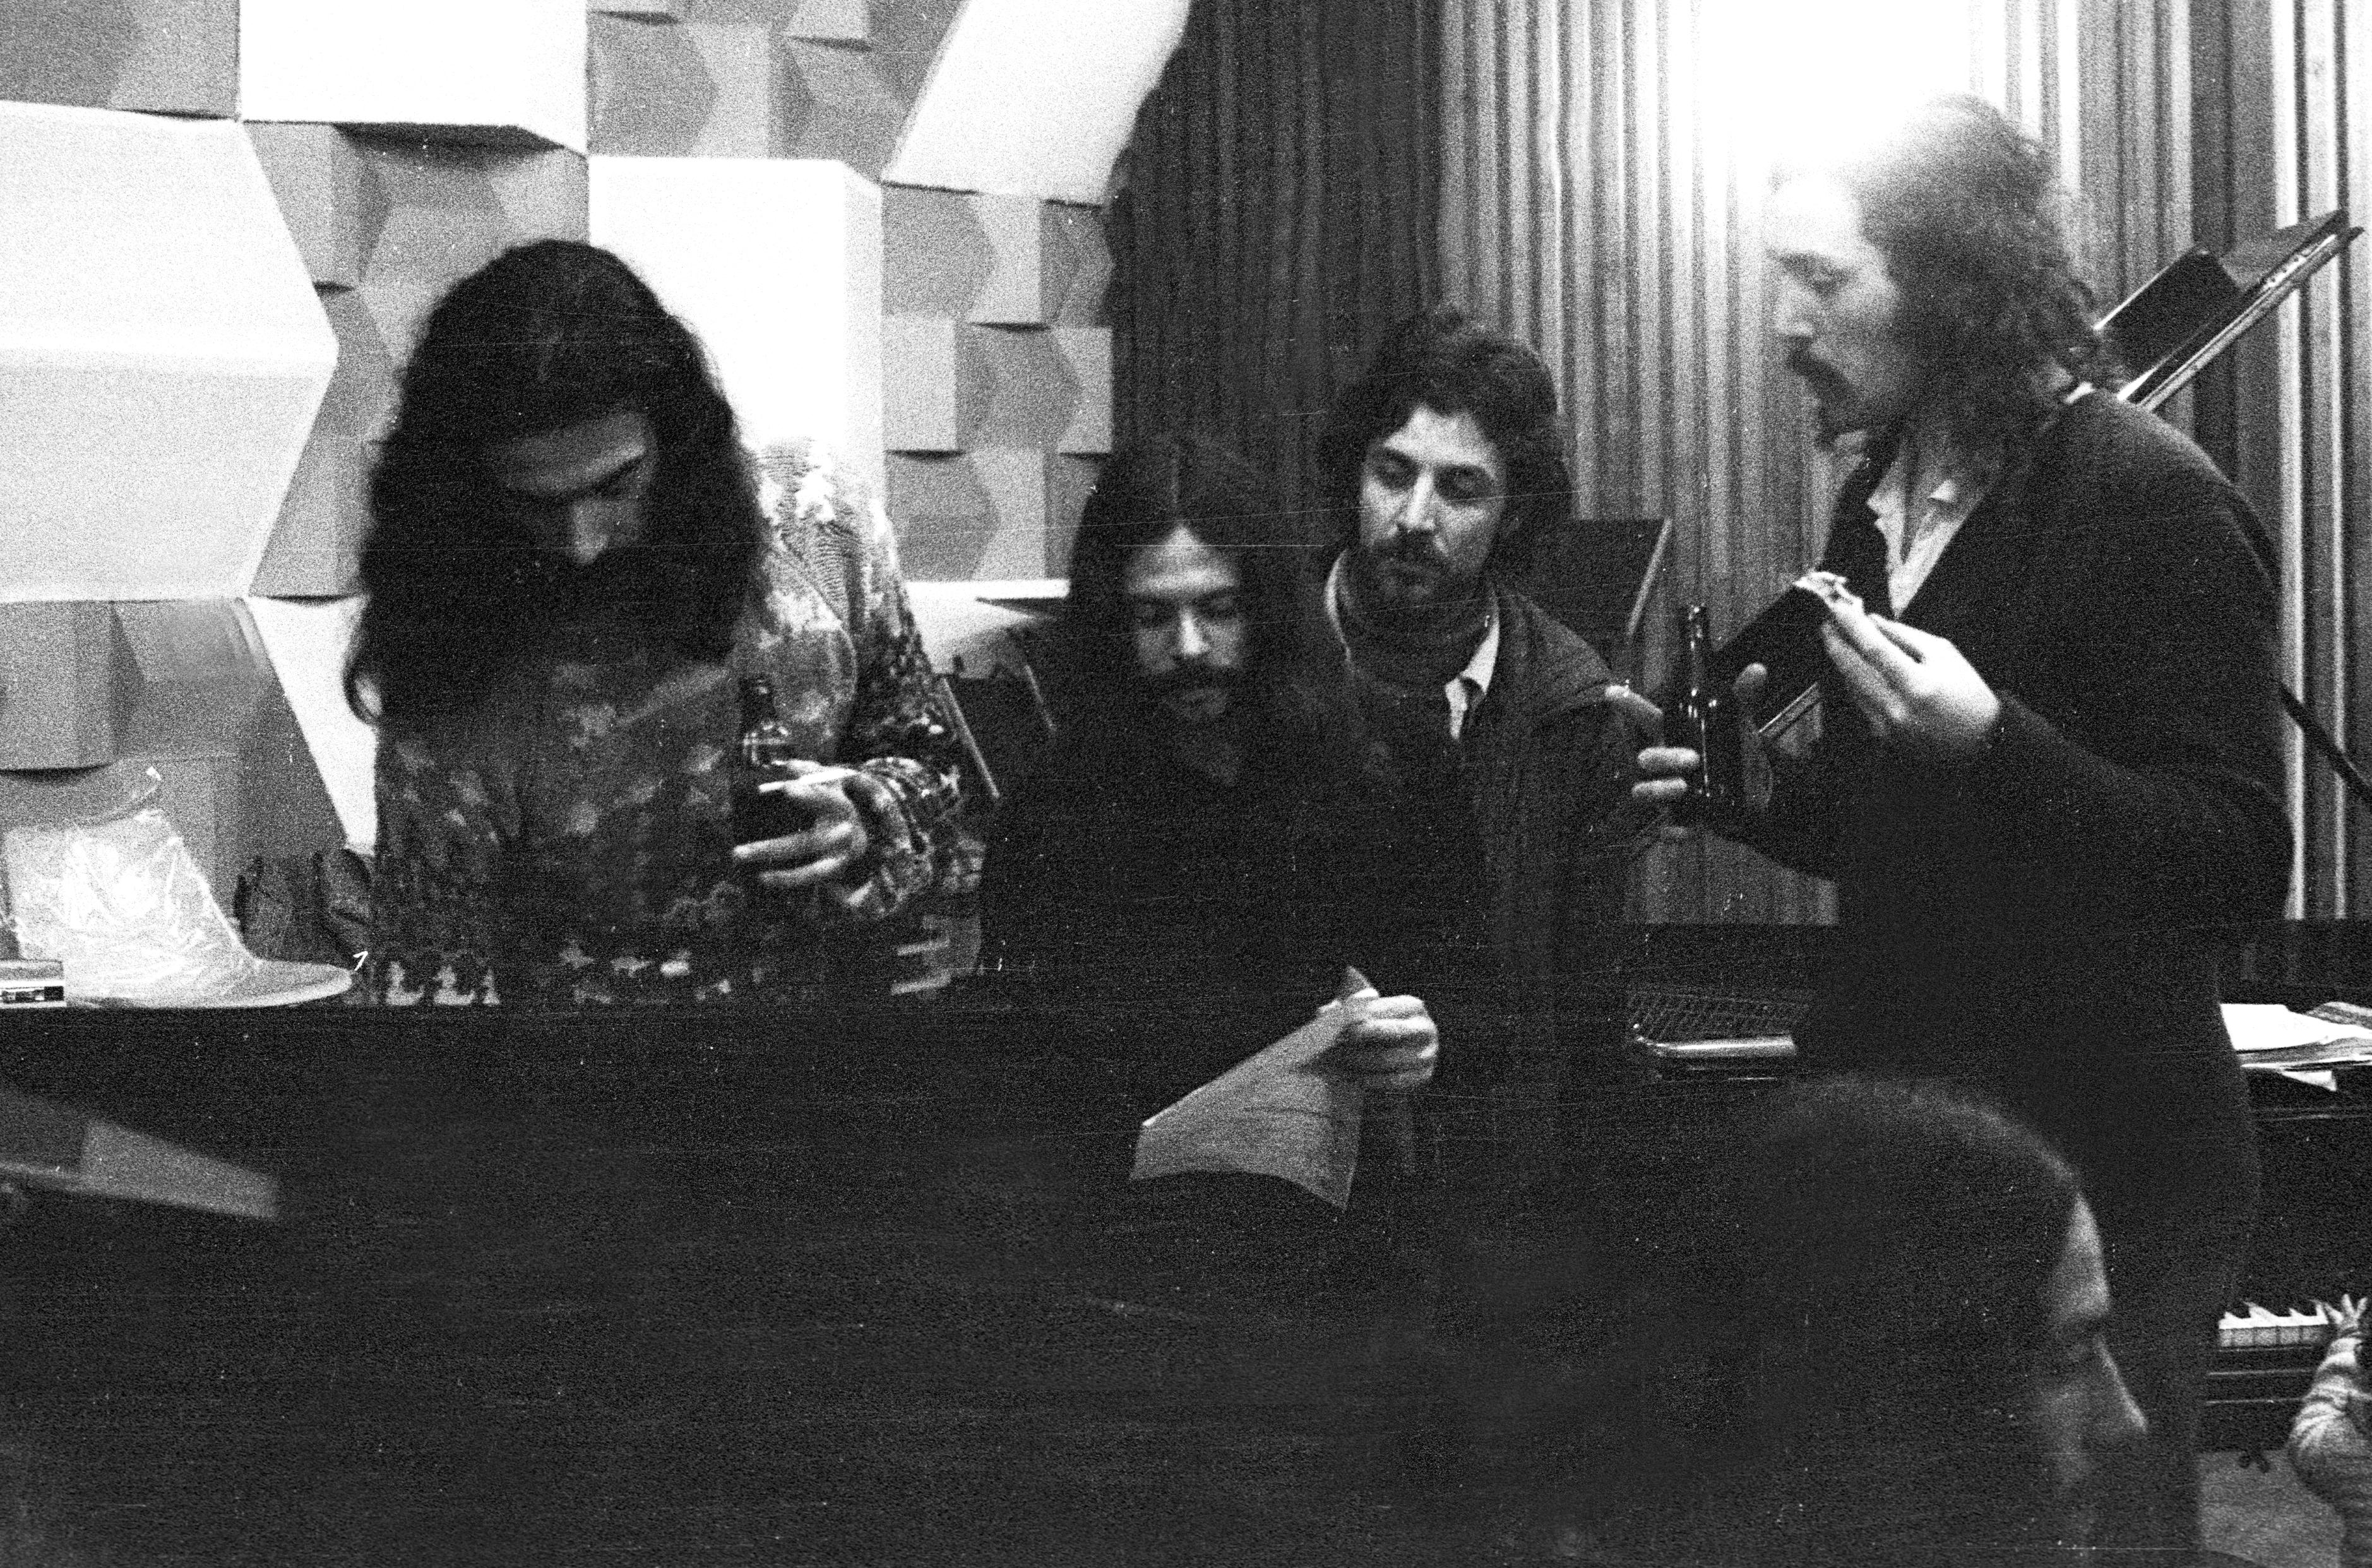 Eduardo, Gato, Sergio Travuco, y Claudio durante la grabación de la banda sonora de la película Palomita blanca de Raúl Ruiz (1973).